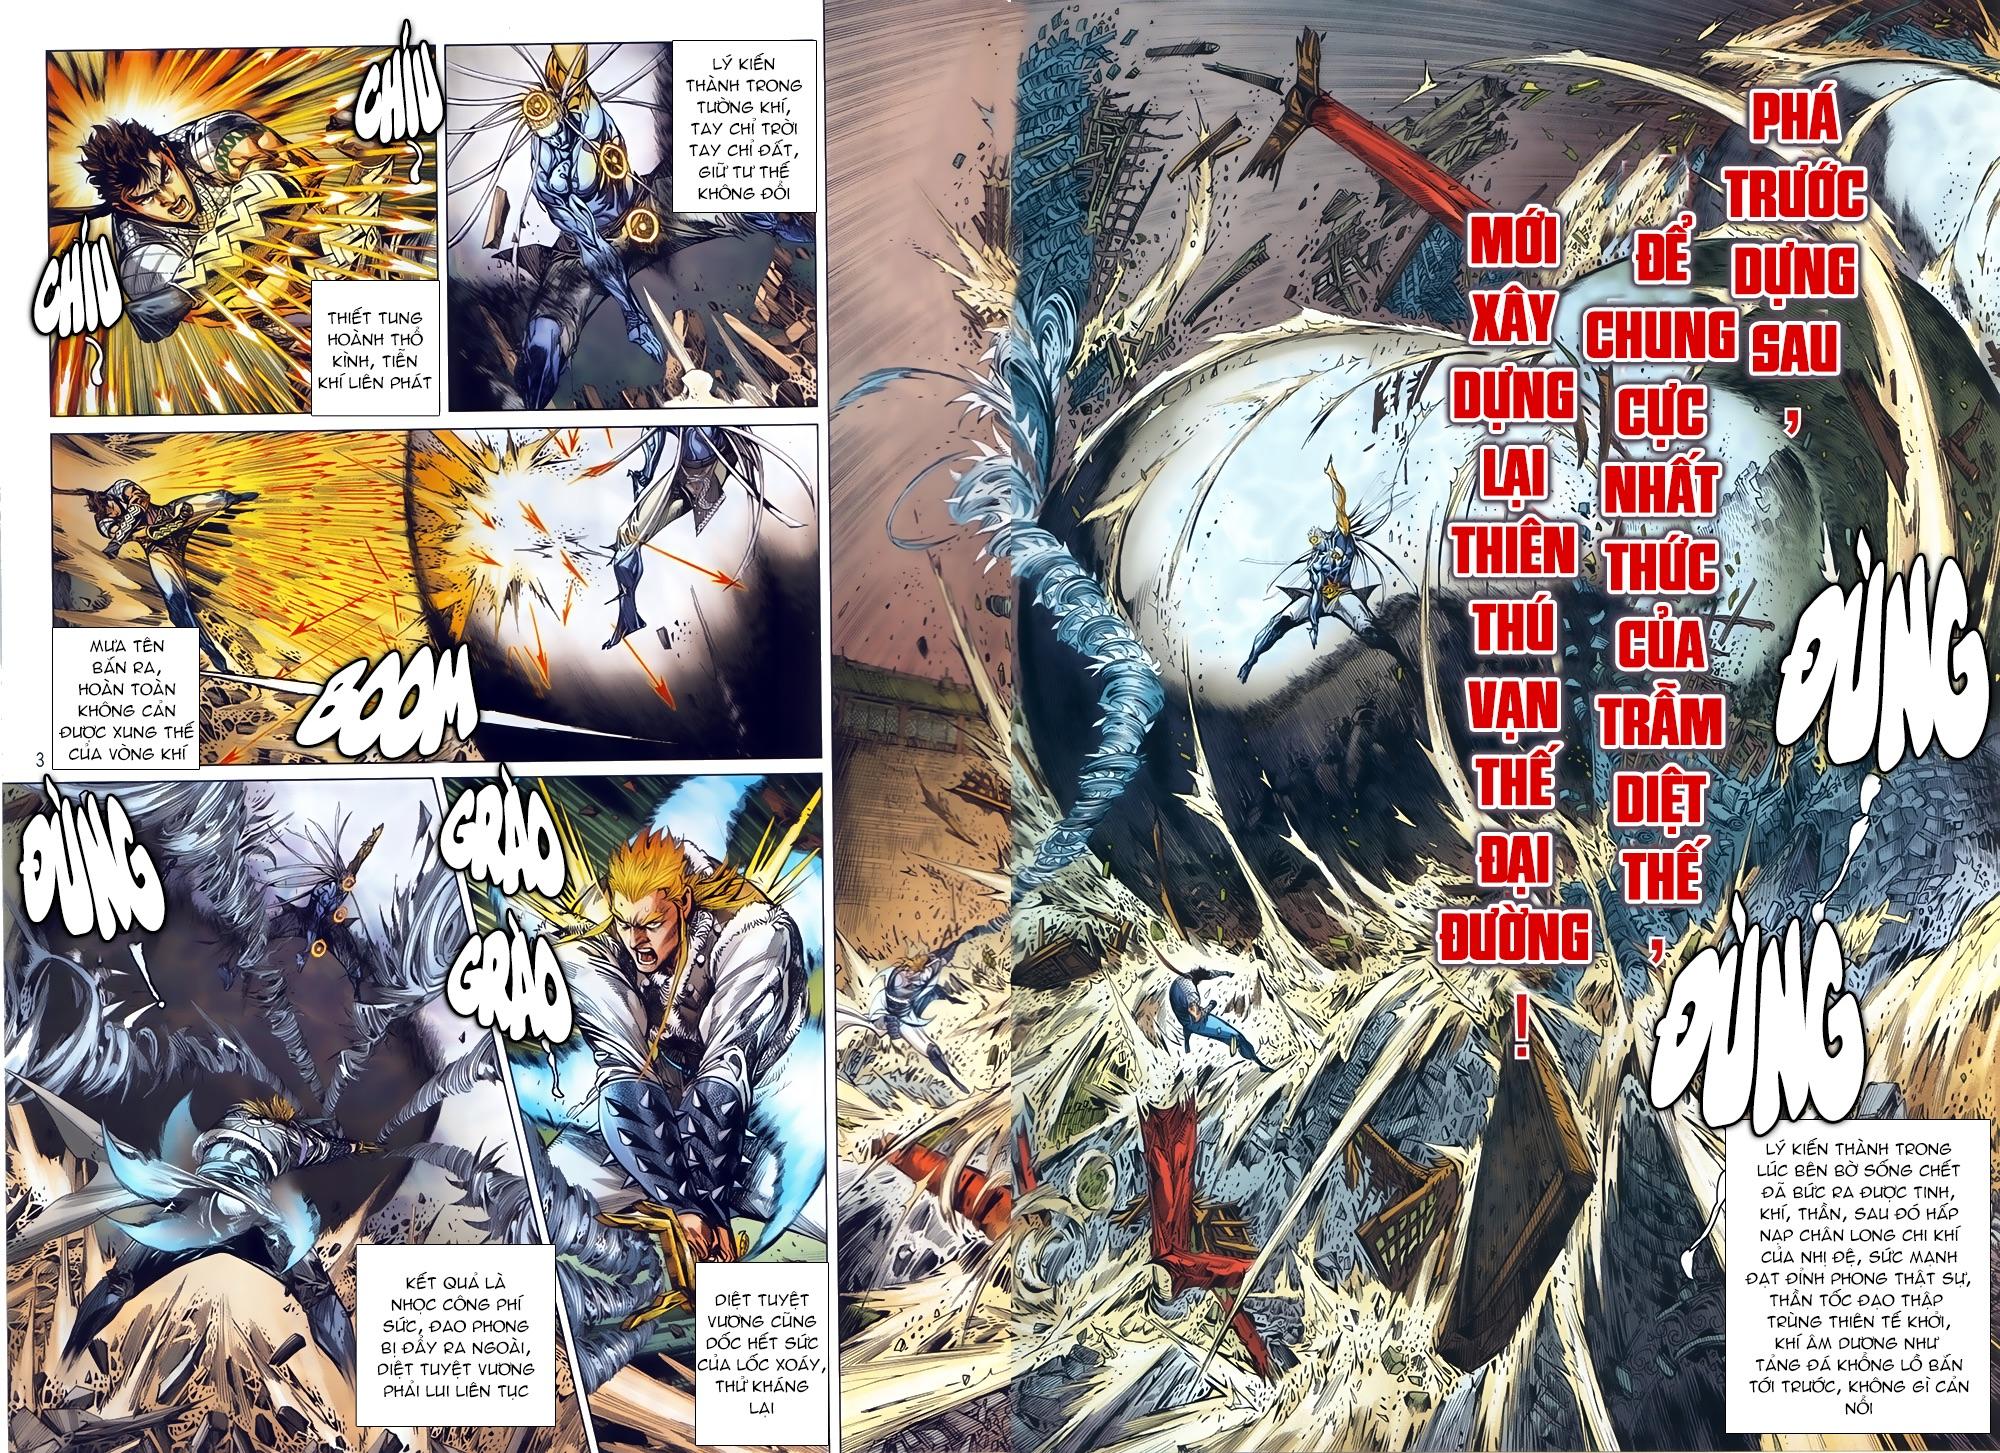 Thiết Tướng Tung Hoành Chap 246